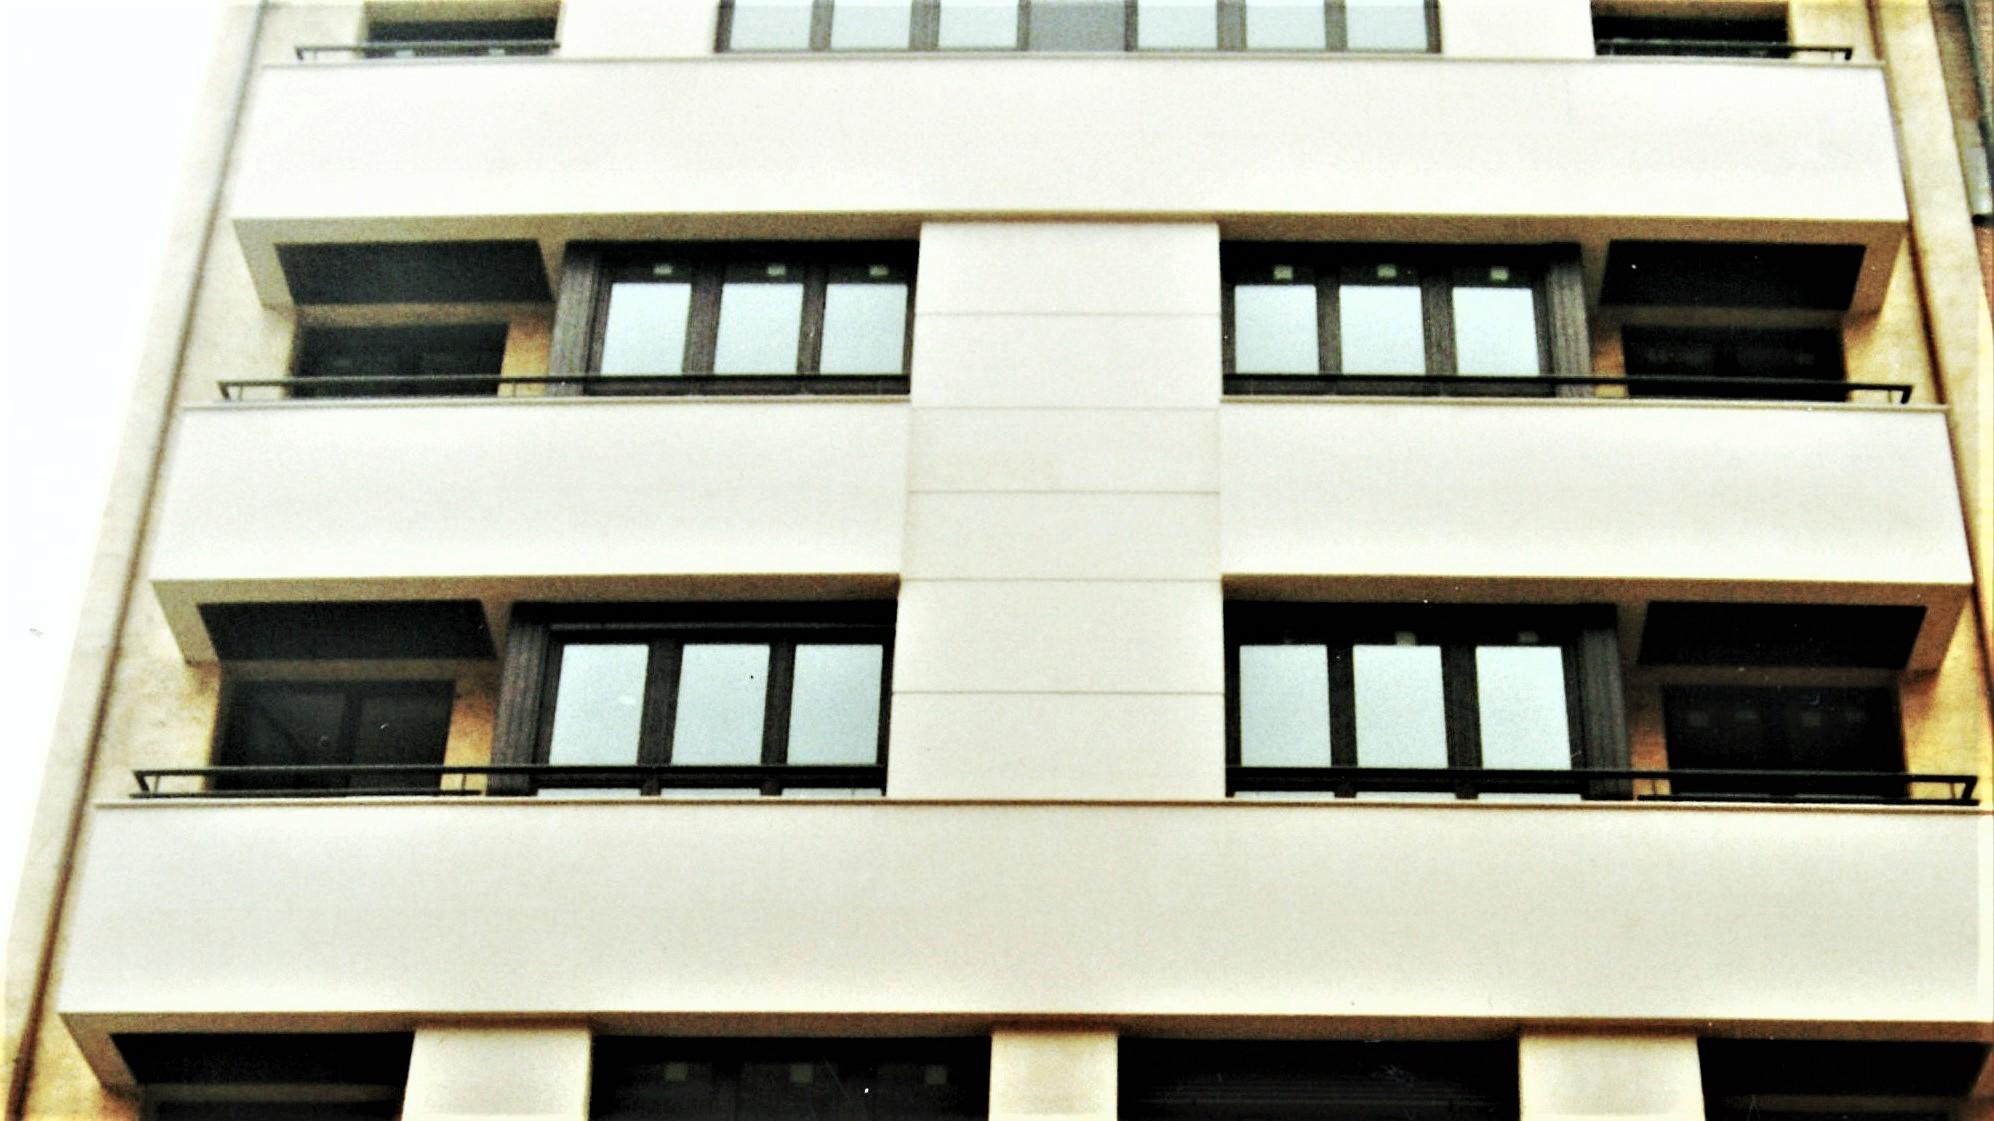 Ardis-grupo-inmobiliario-montecerraoArdis Grupo Inmobiliario